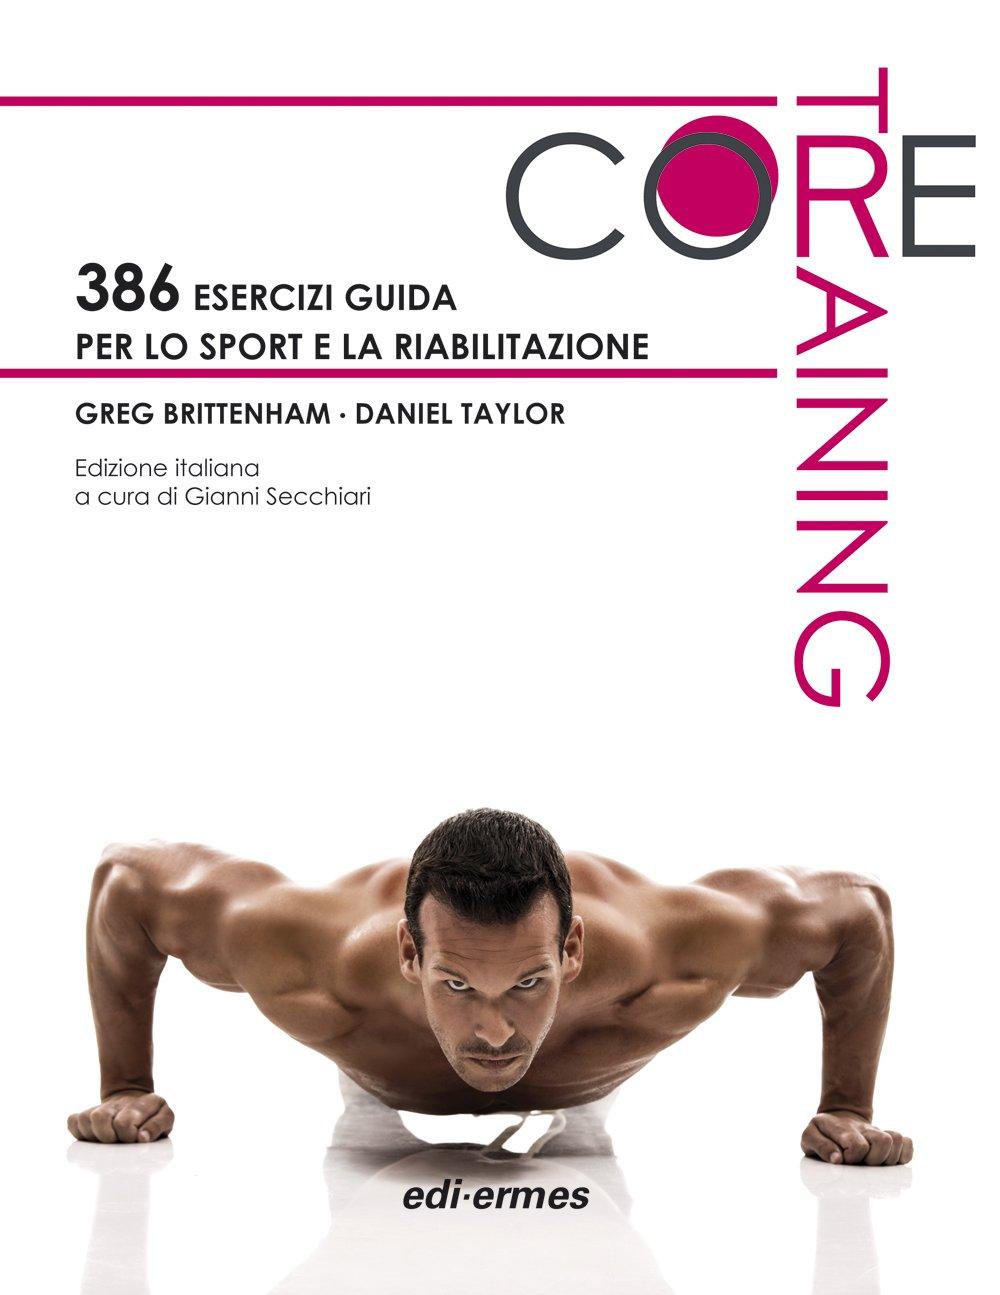 Core training. 386 esercizi guida per lo sport e la riabilitazione Copertina flessibile – 31 ott 2015 Greg Brittenham Daniel Taylor G. Secchiari Edi. Ermes